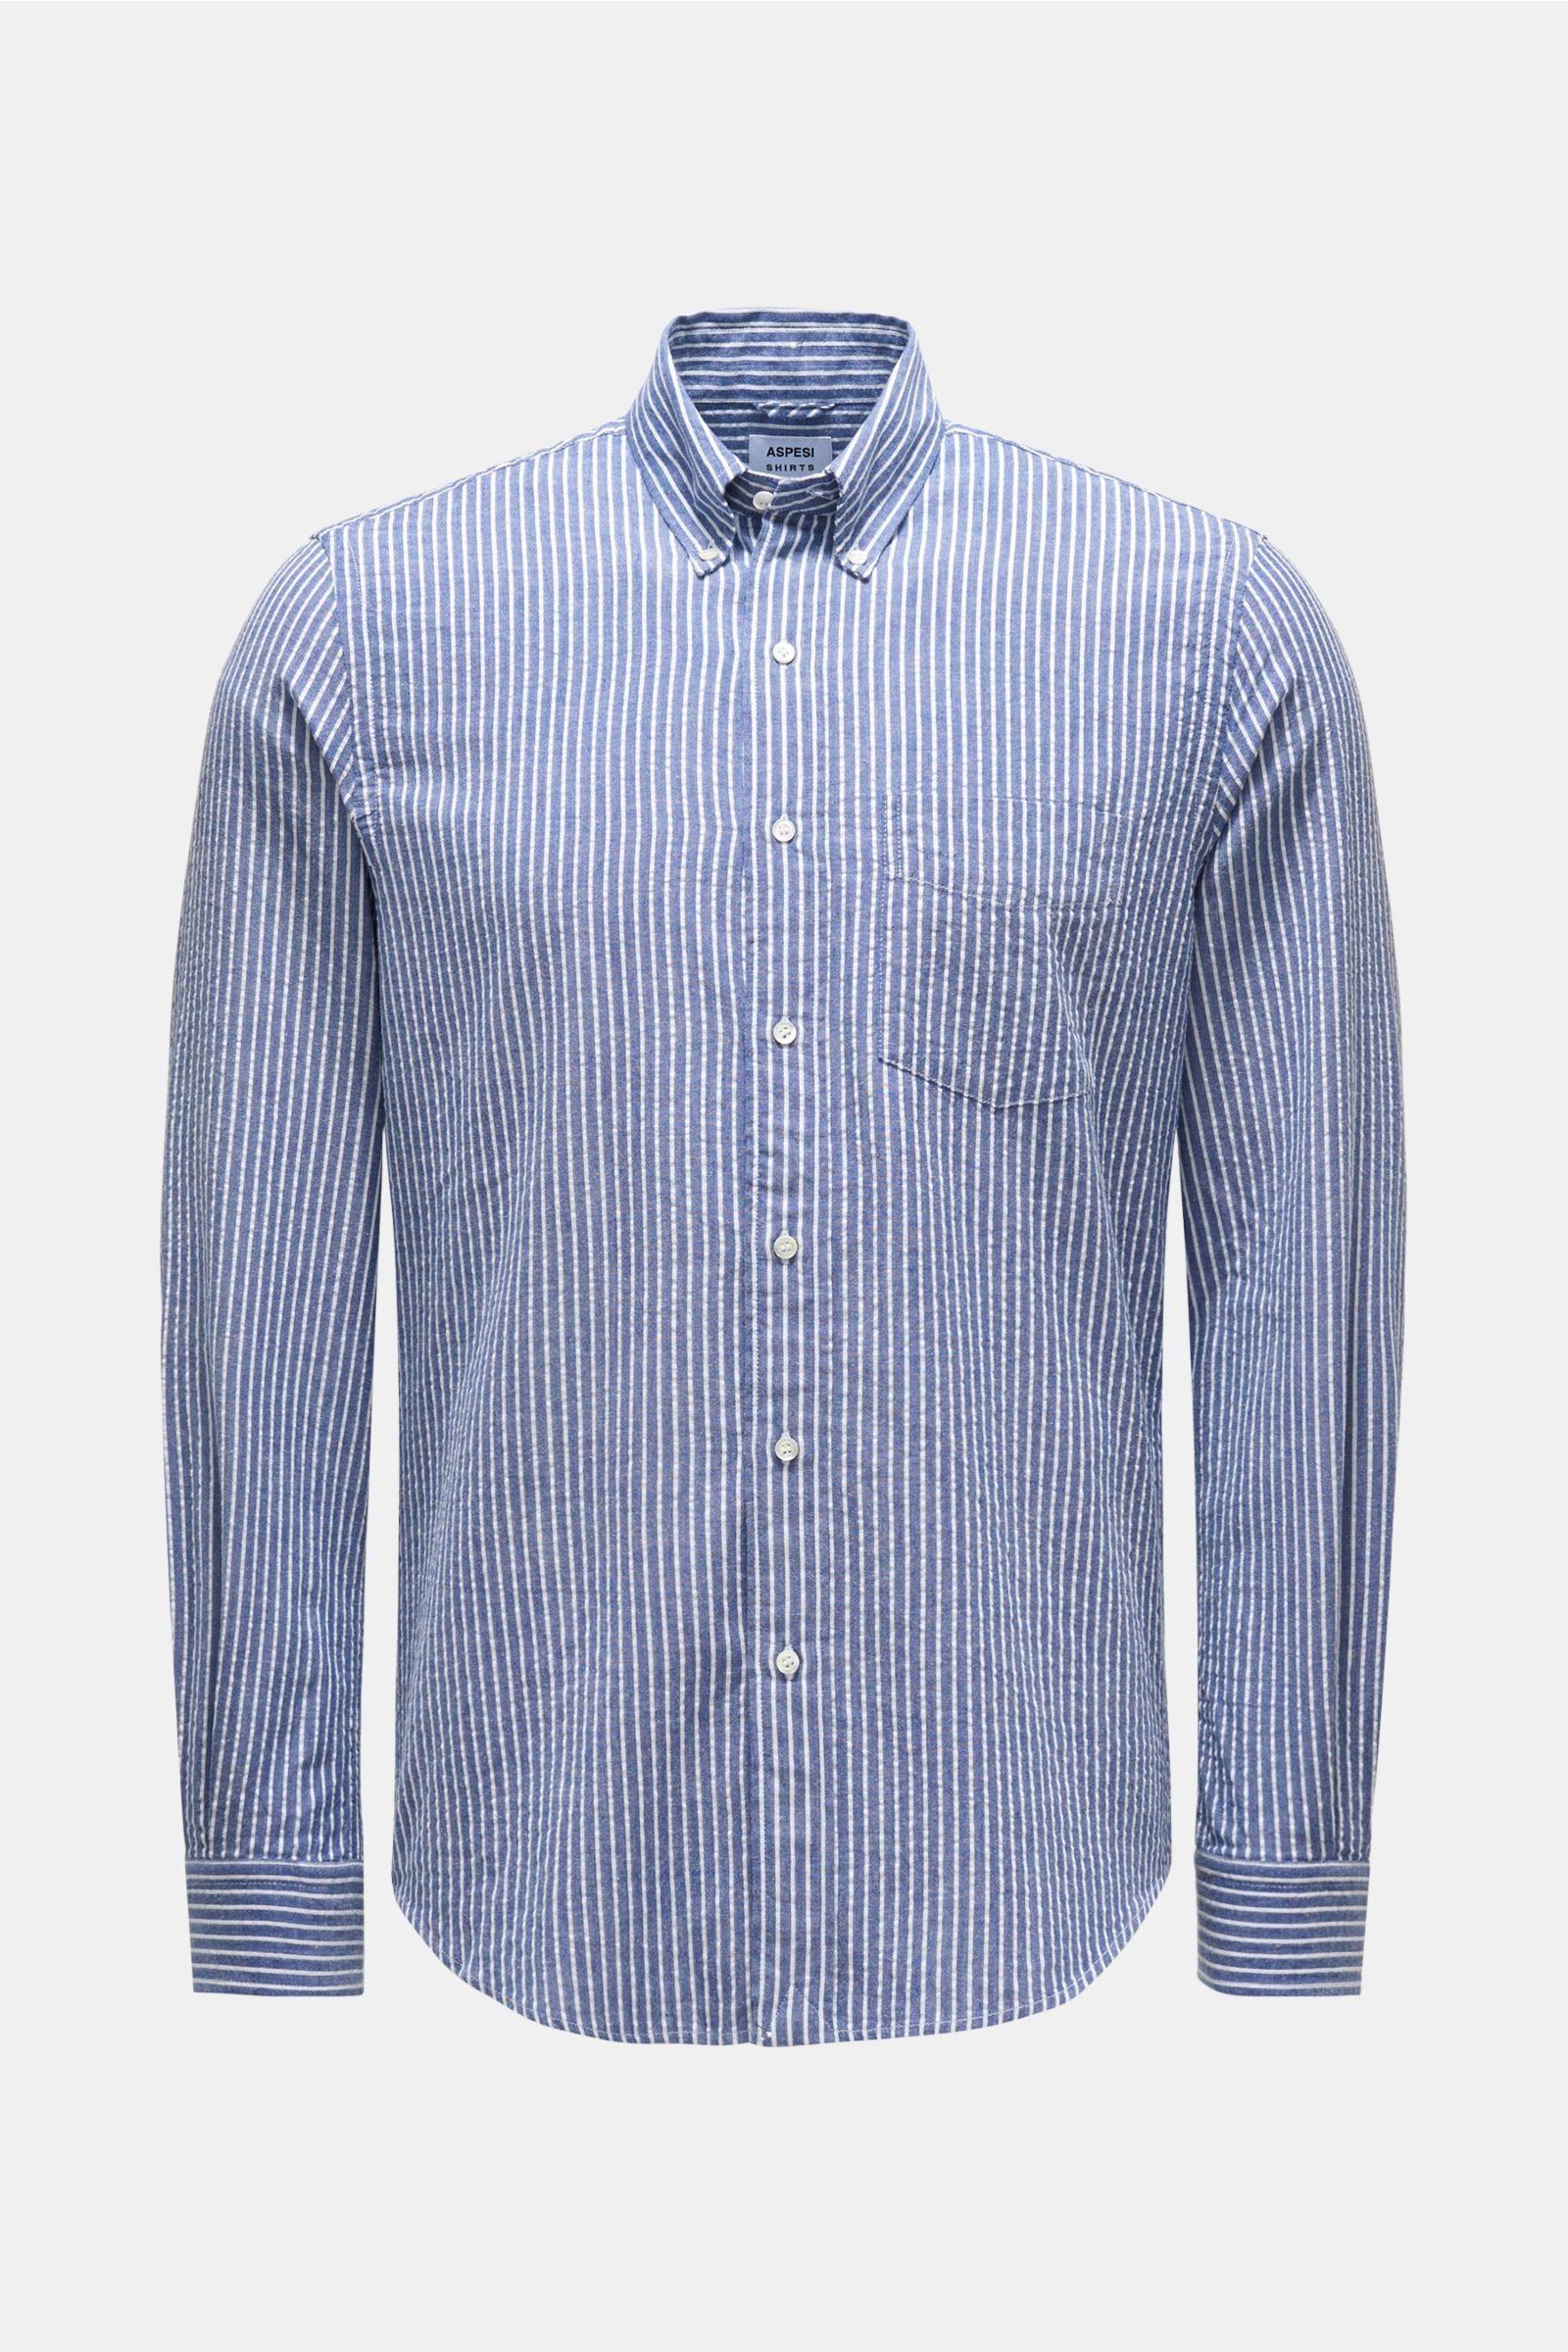 Seersucker shirt button-down collar grey-blue/white striped